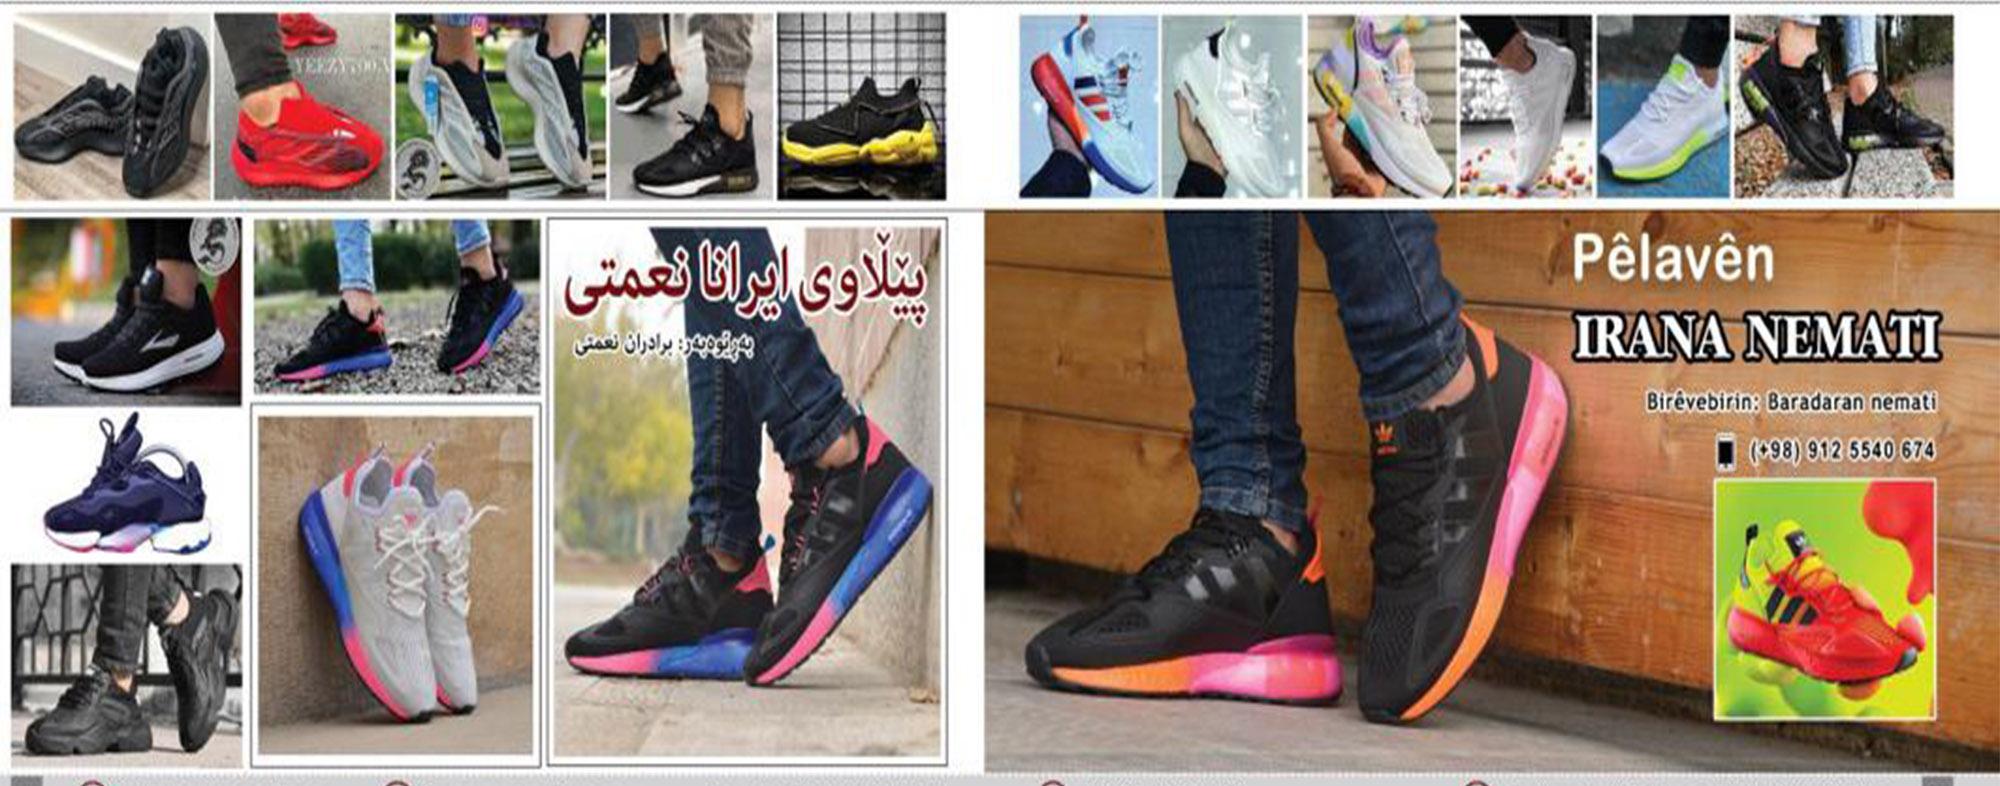 کفش ایرانا (کفش ایرانا نعمتی) (IRANA NEMATI)